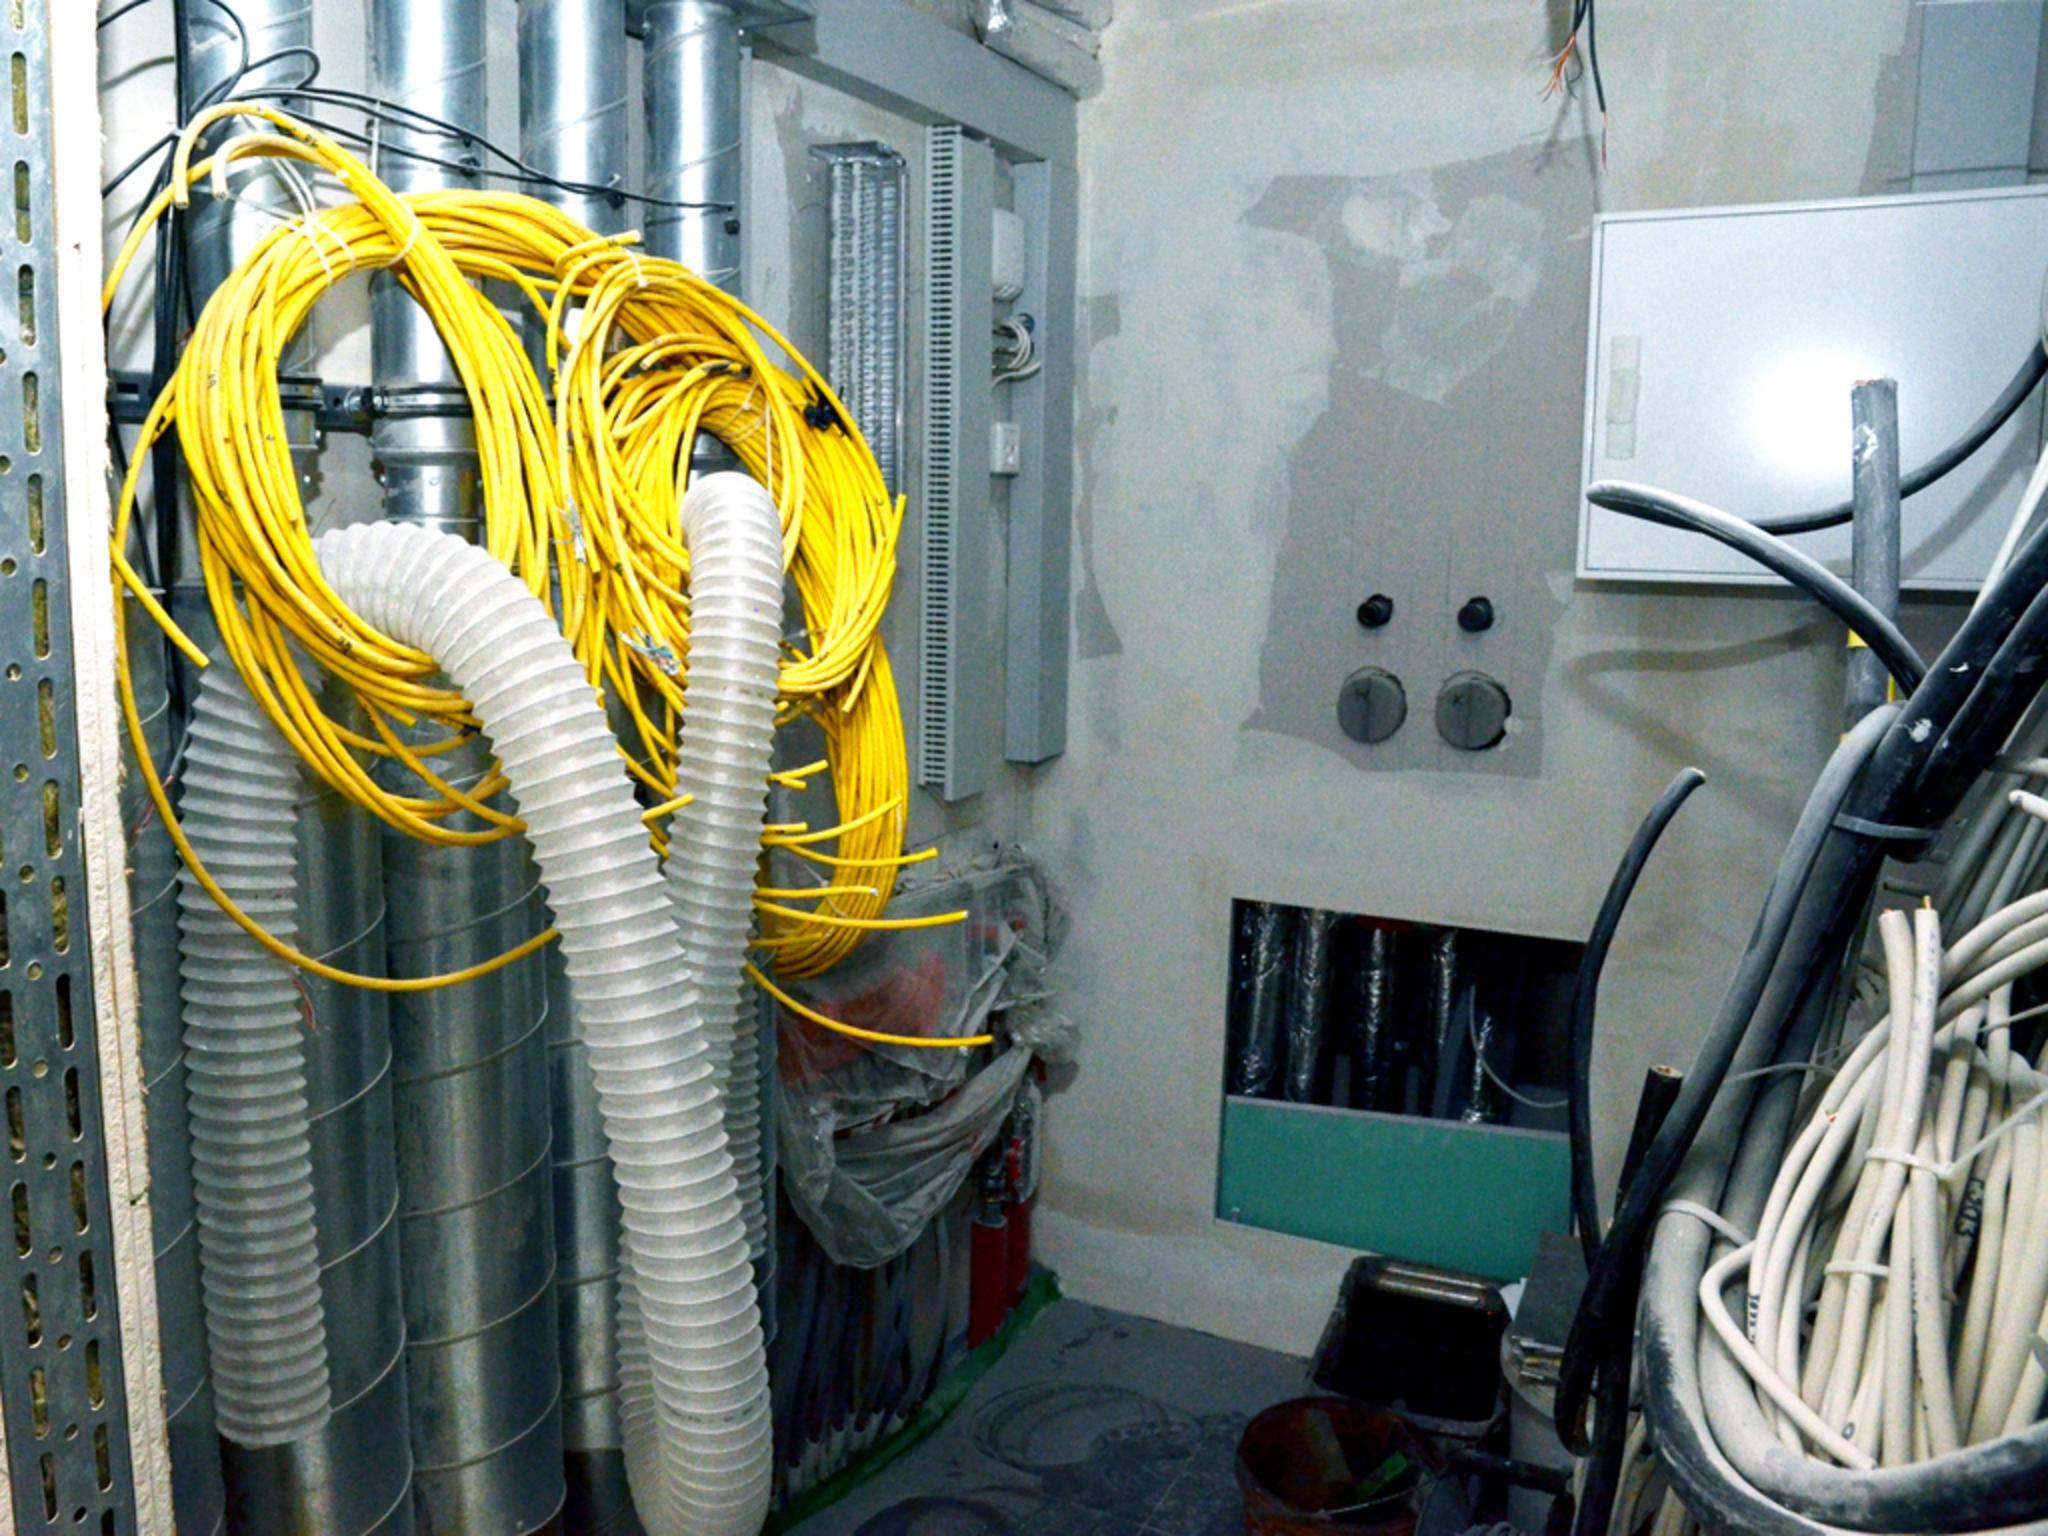 Überall sind dicke Kabelstränge mit gelben Netzwerkkabeln verlegt, die ...